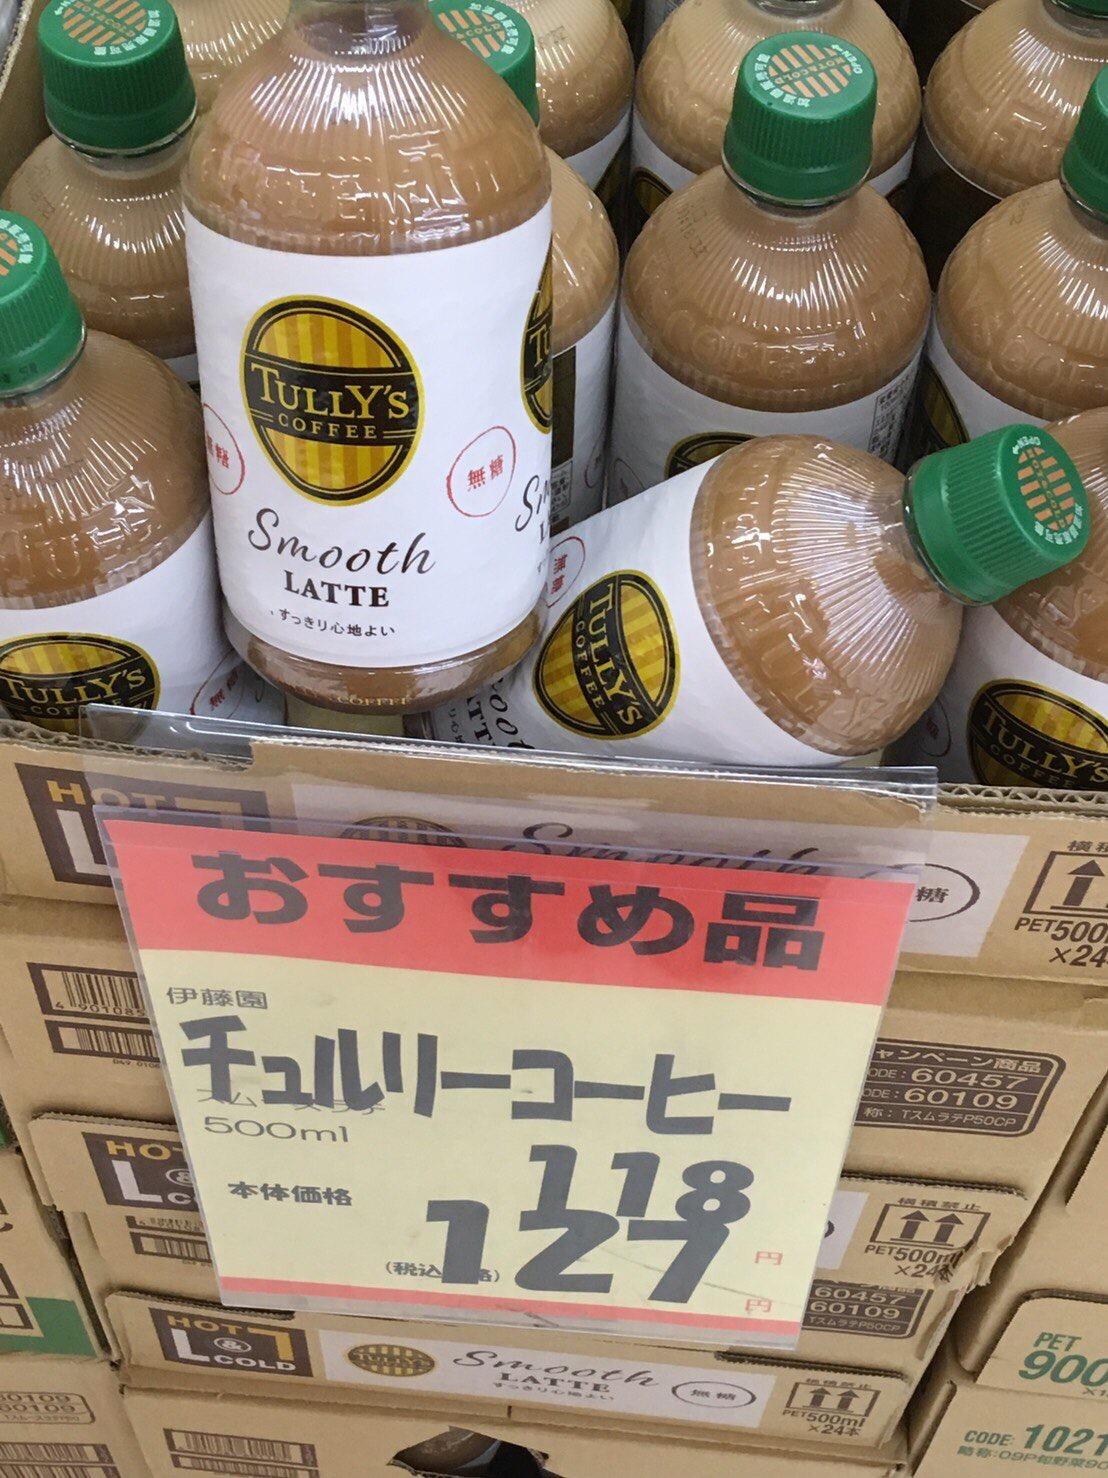 【画像】スーパーの店員「TULLY'Sコーヒー?何て読むんやろ・・・」